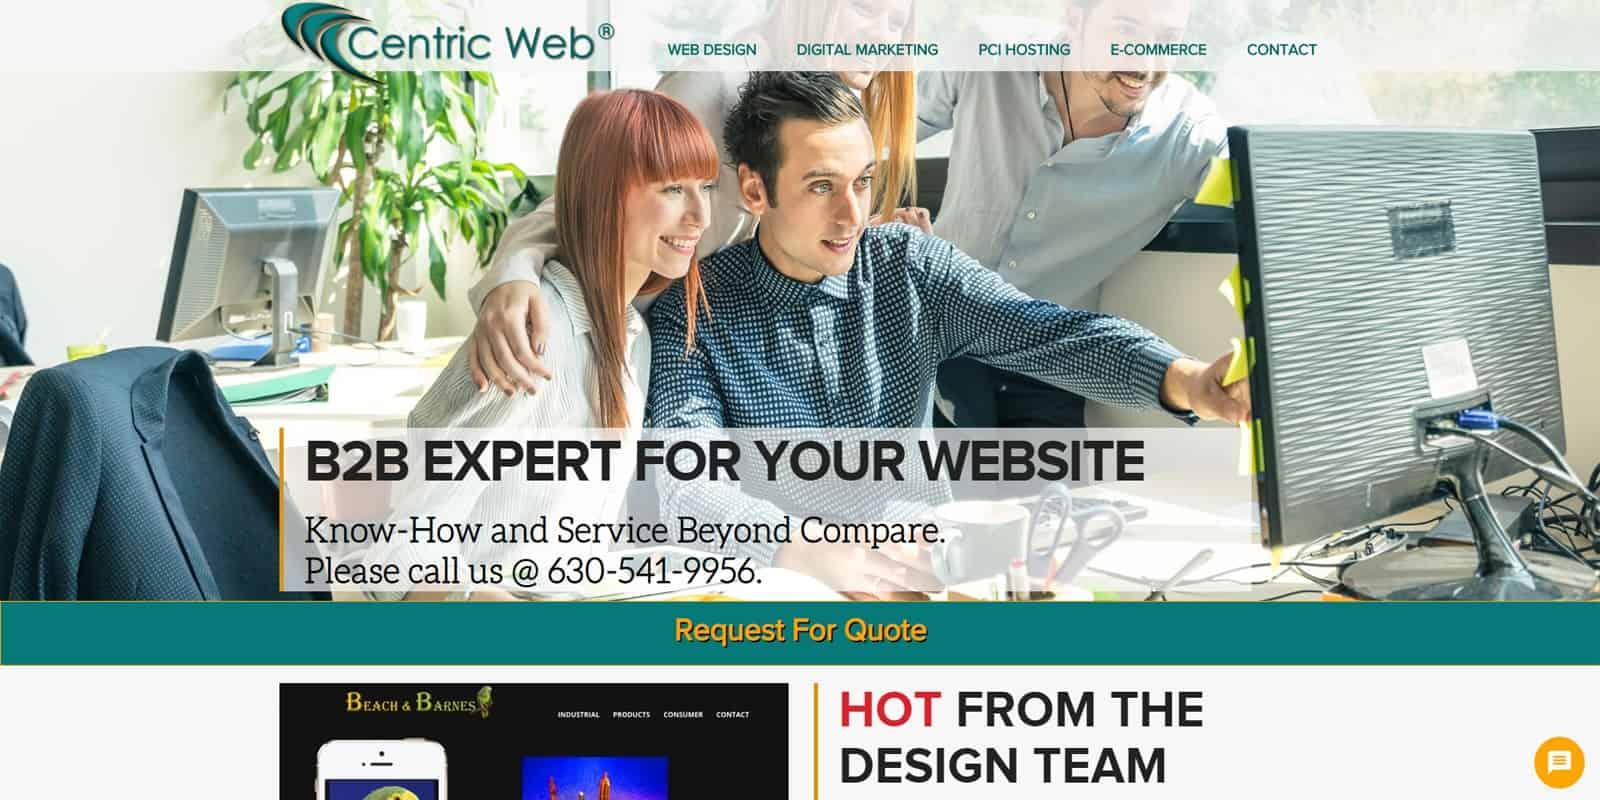 Centric Web